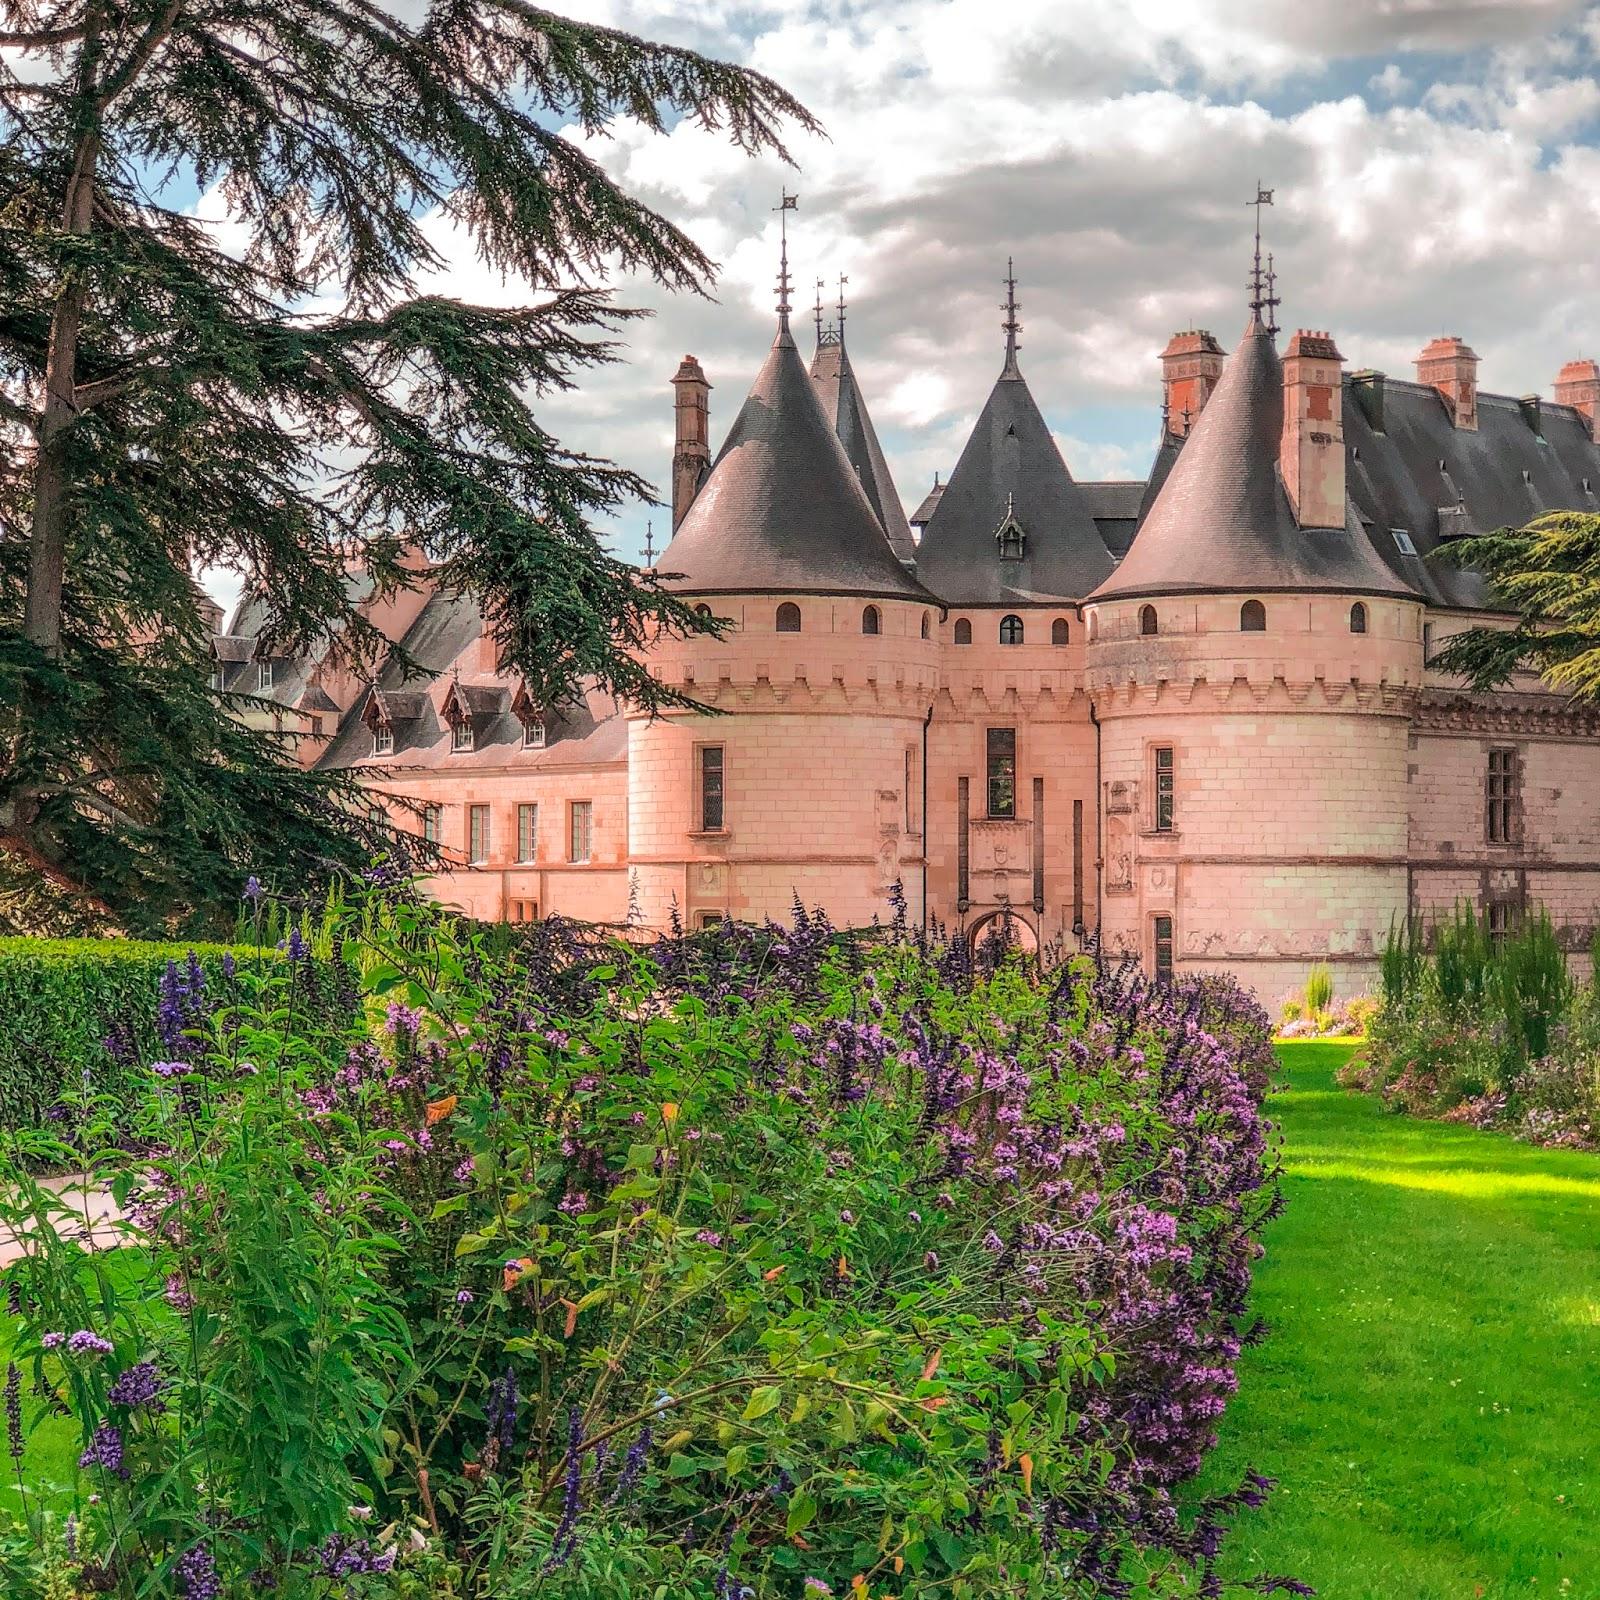 The New Blacck - Orléans - Blog - Chaumont sur Loire - Extérieur - allée fleurie